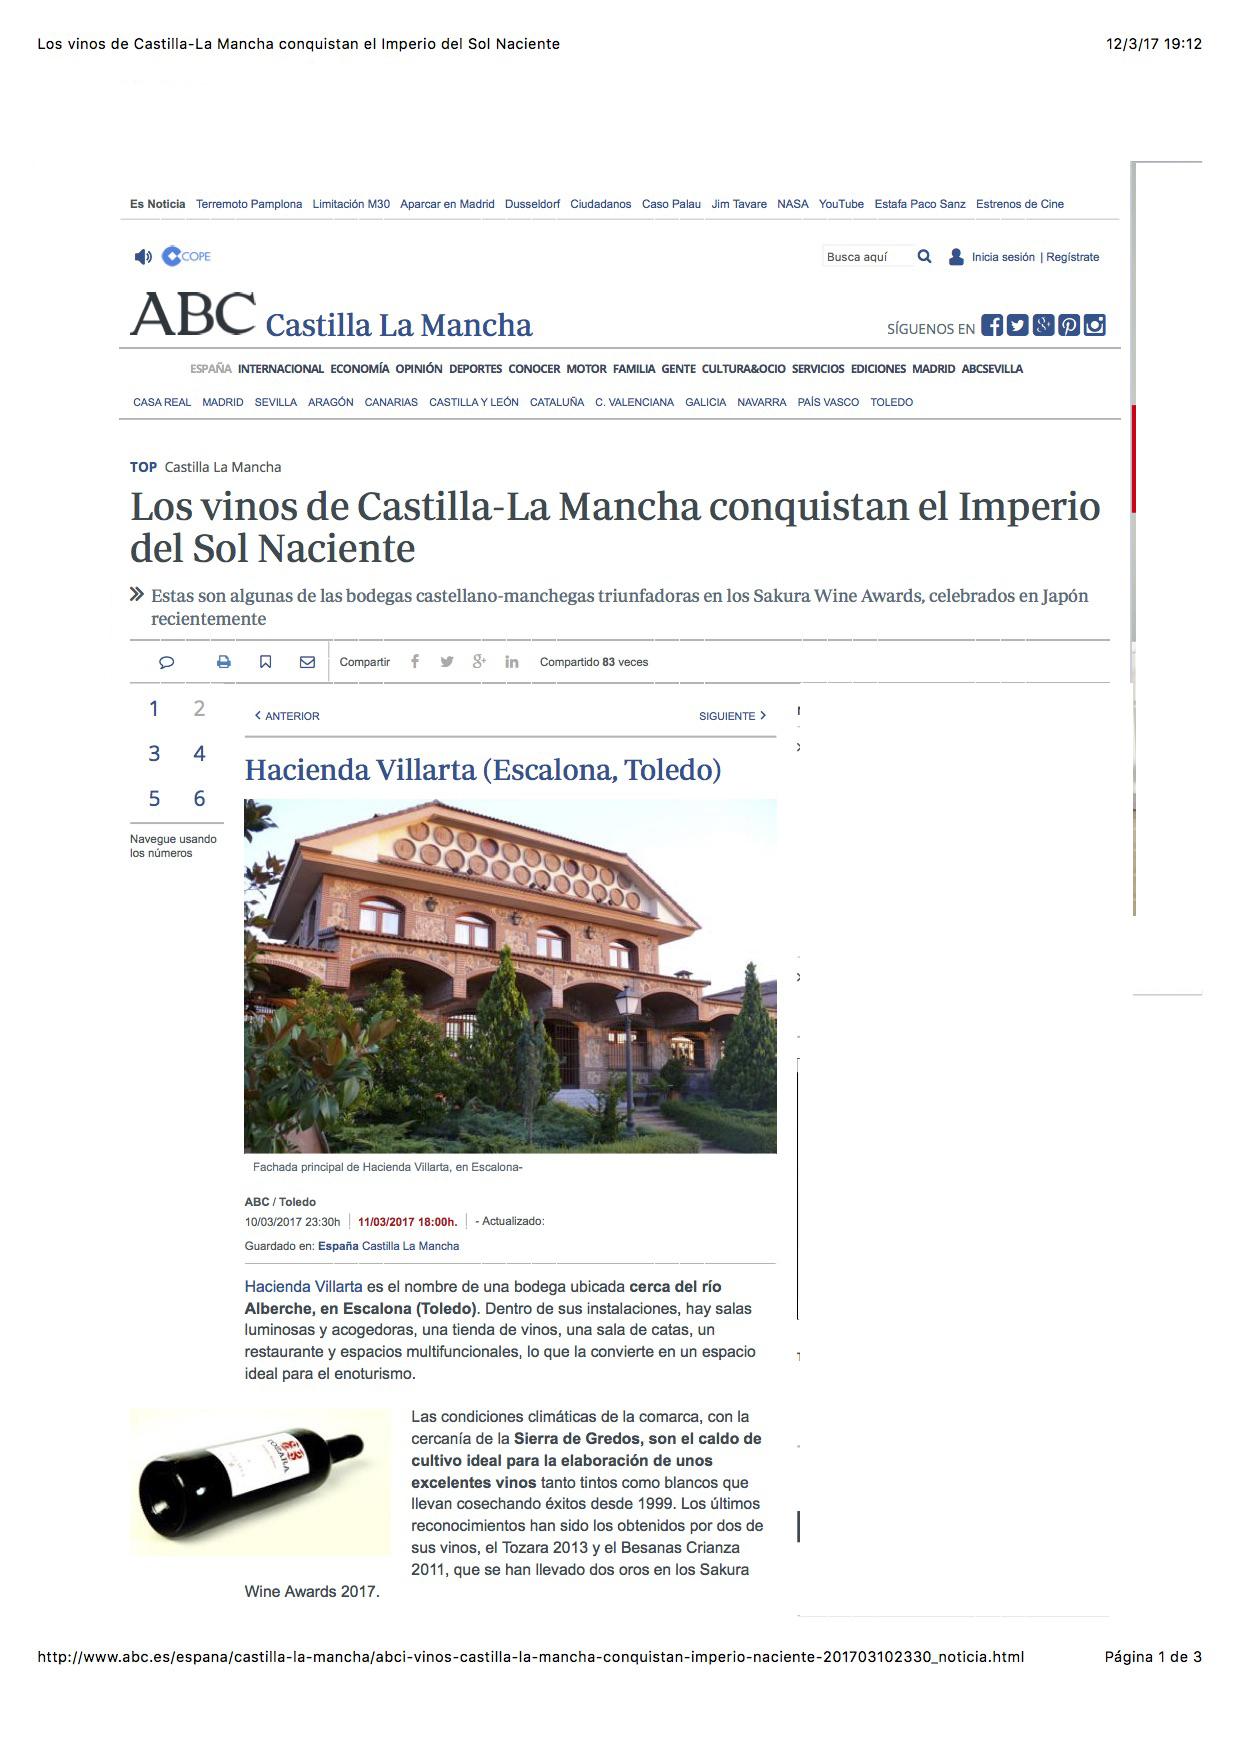 Los vinos de Castilla-La Mancha conquistan el Imperio del Sol Naciente copy.jpg